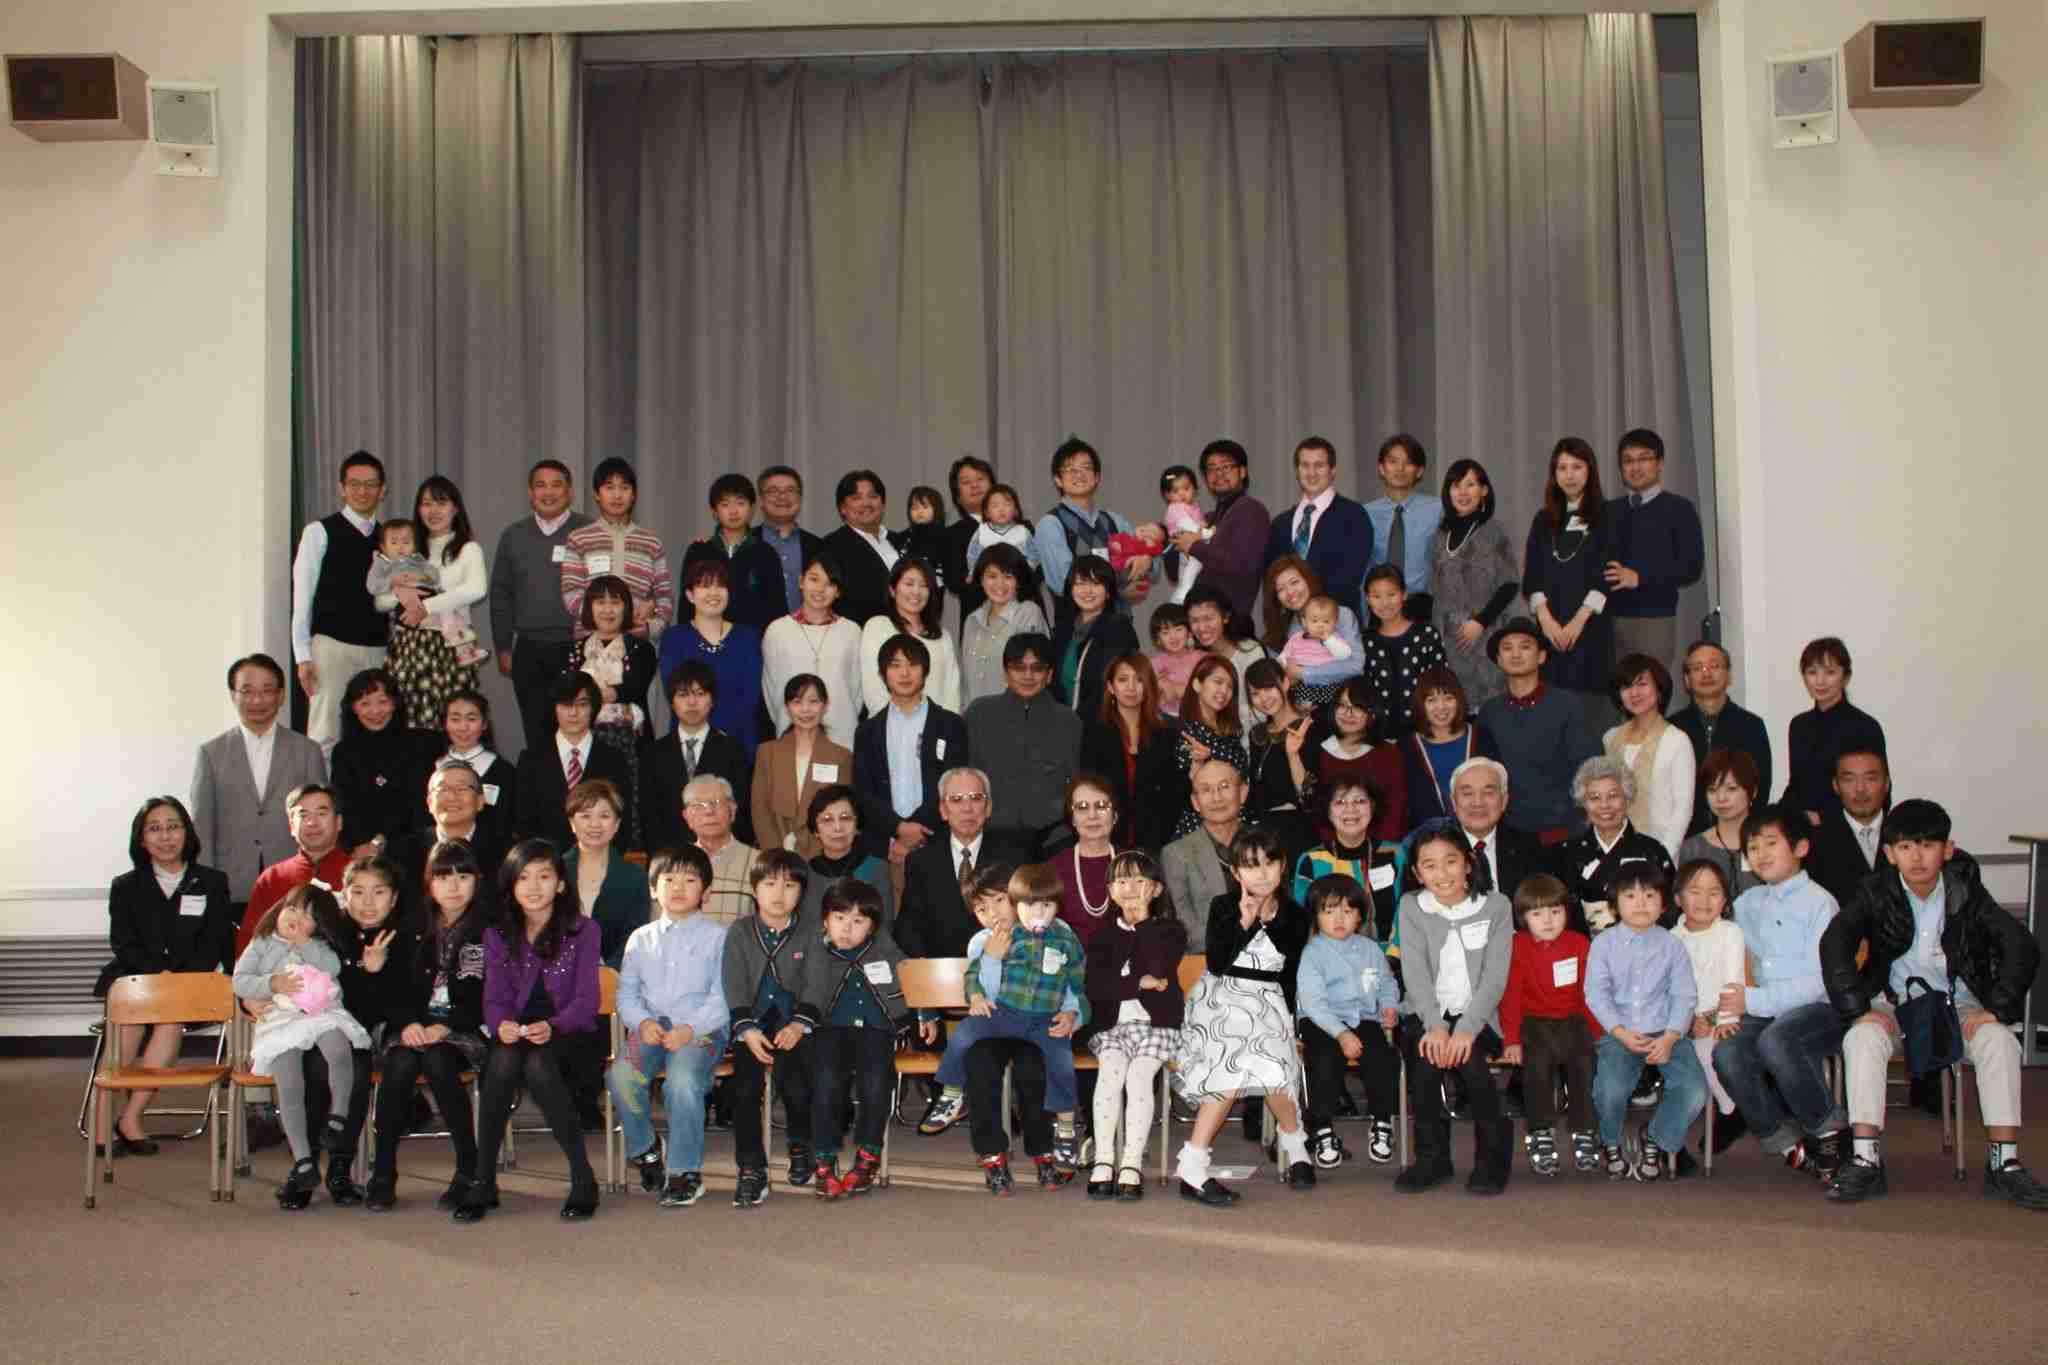 斉藤由貴、レギュラーの「オールナイトニッポン」無期限出演休止